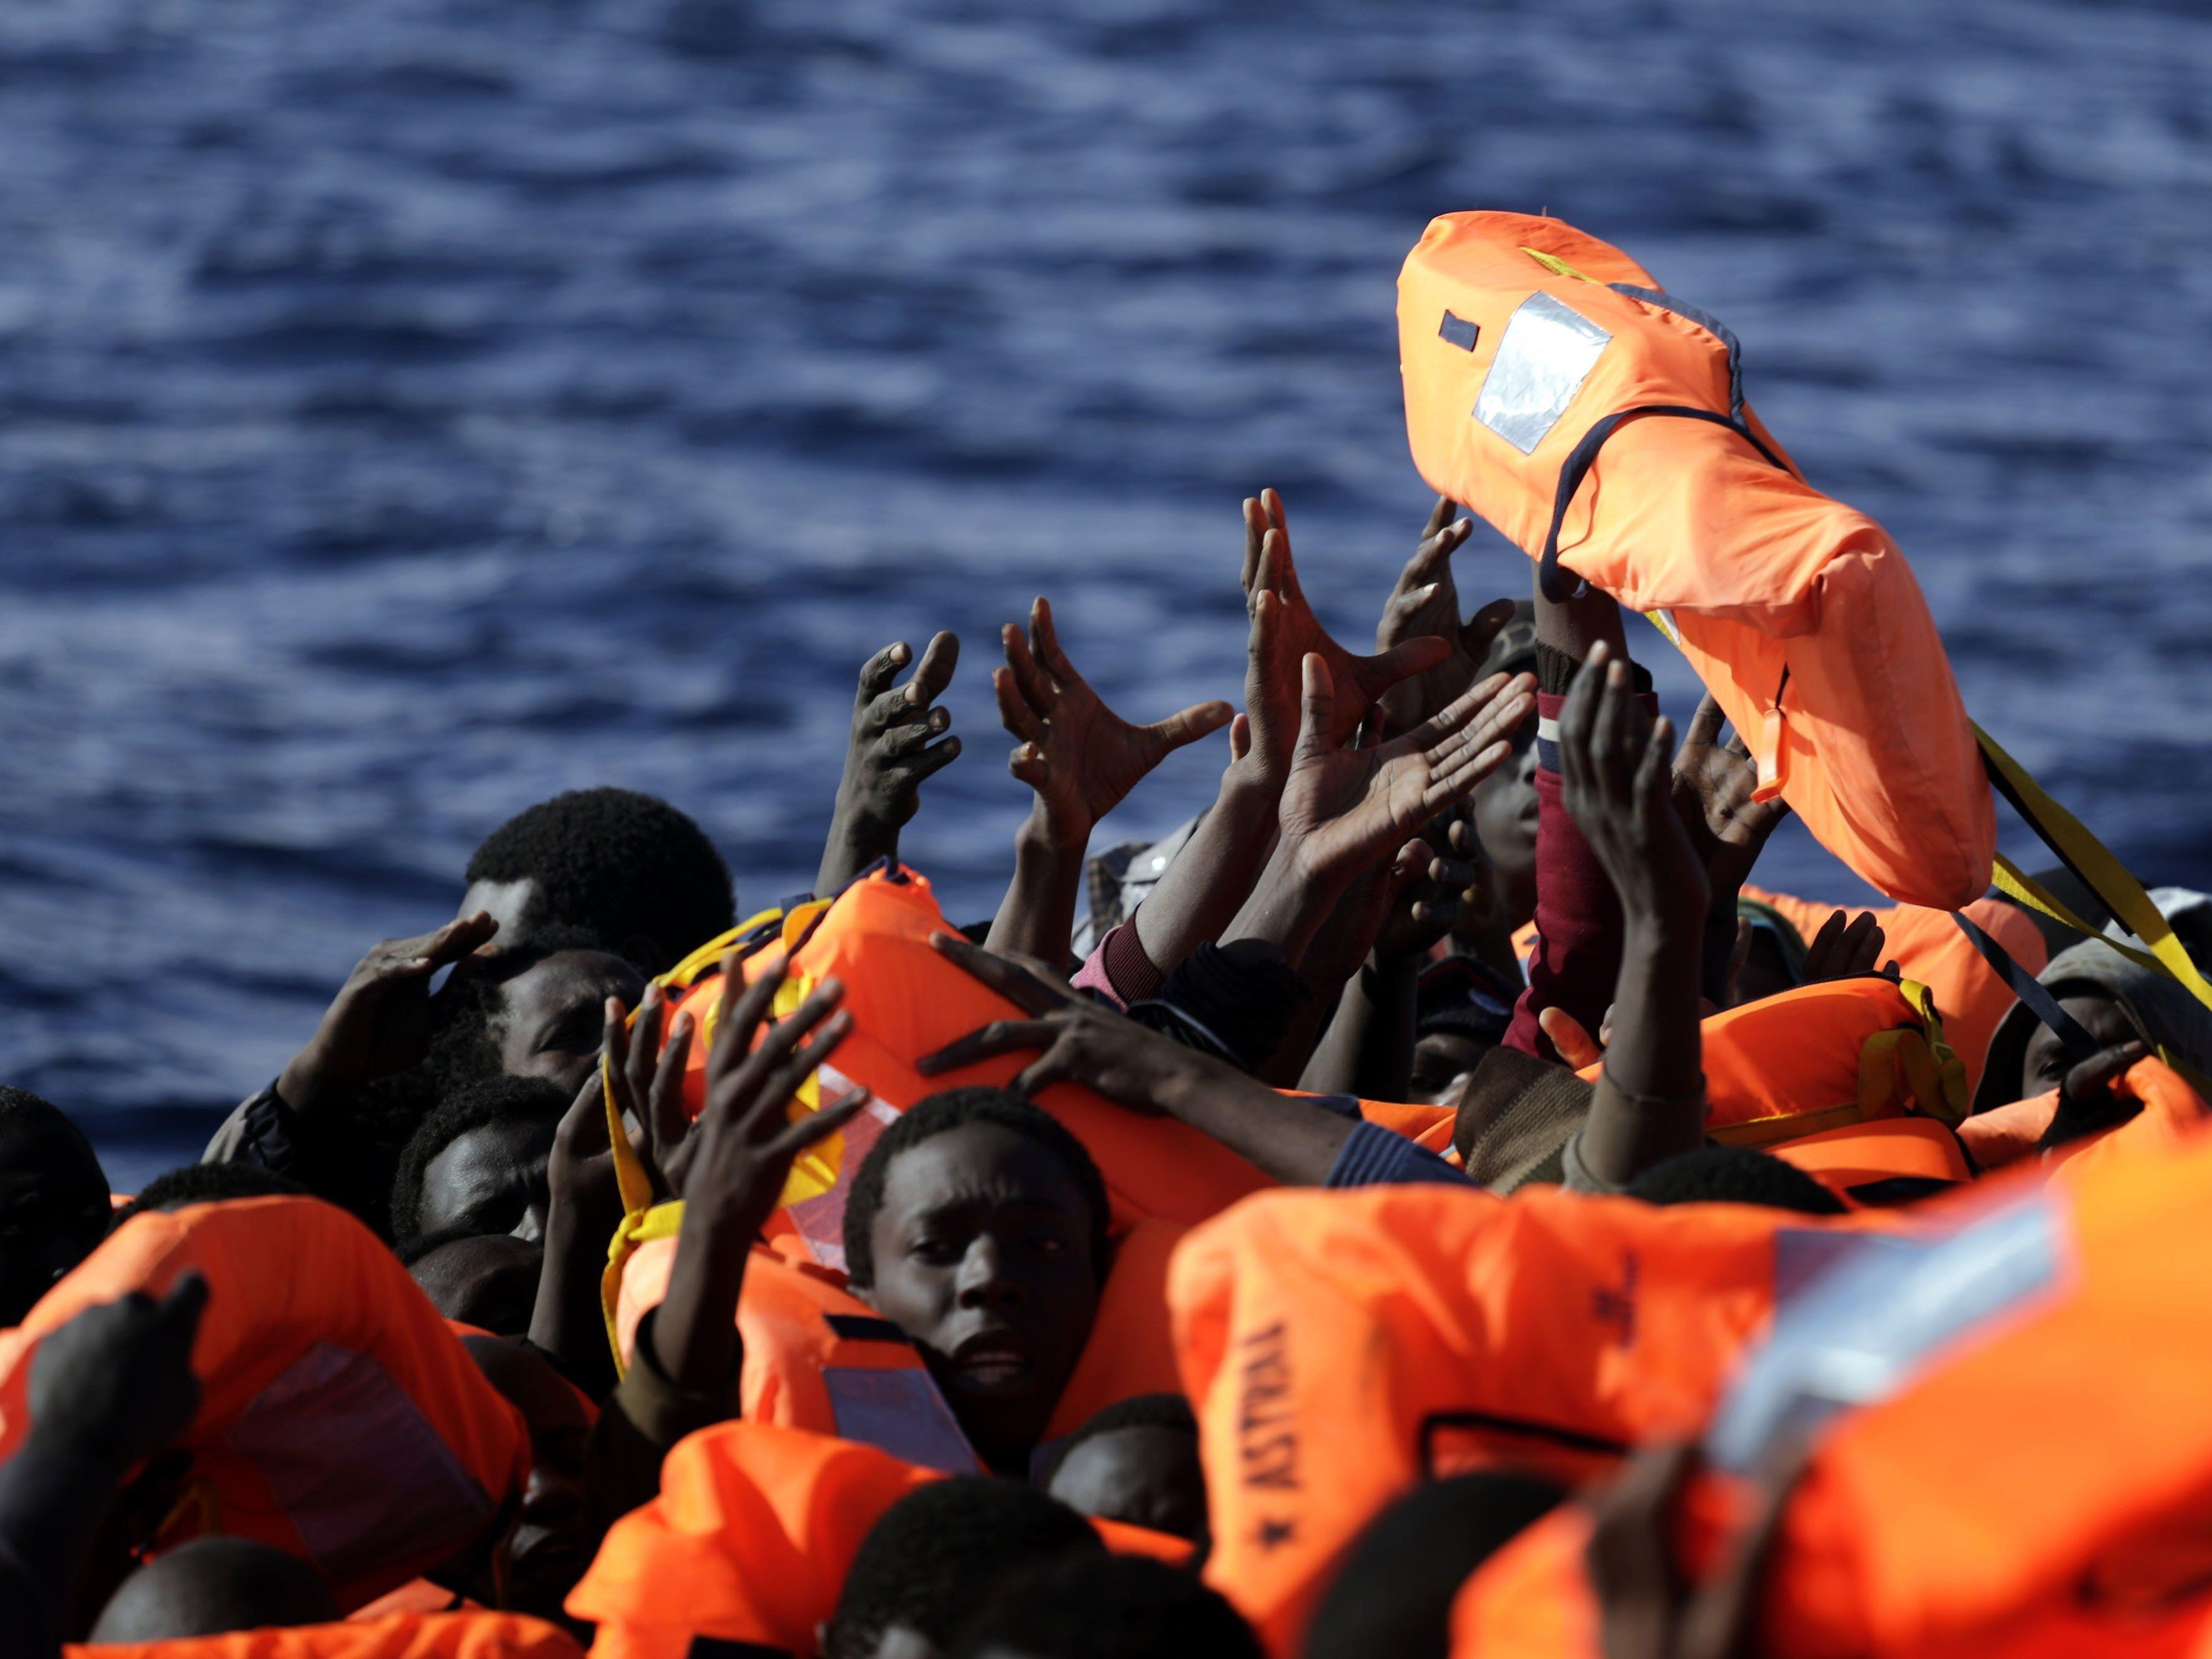 Die Flüchtlingskrise ist Topthema auf dem Treffen der 28 EU- Staats- und Regierungschefs am Freitag.